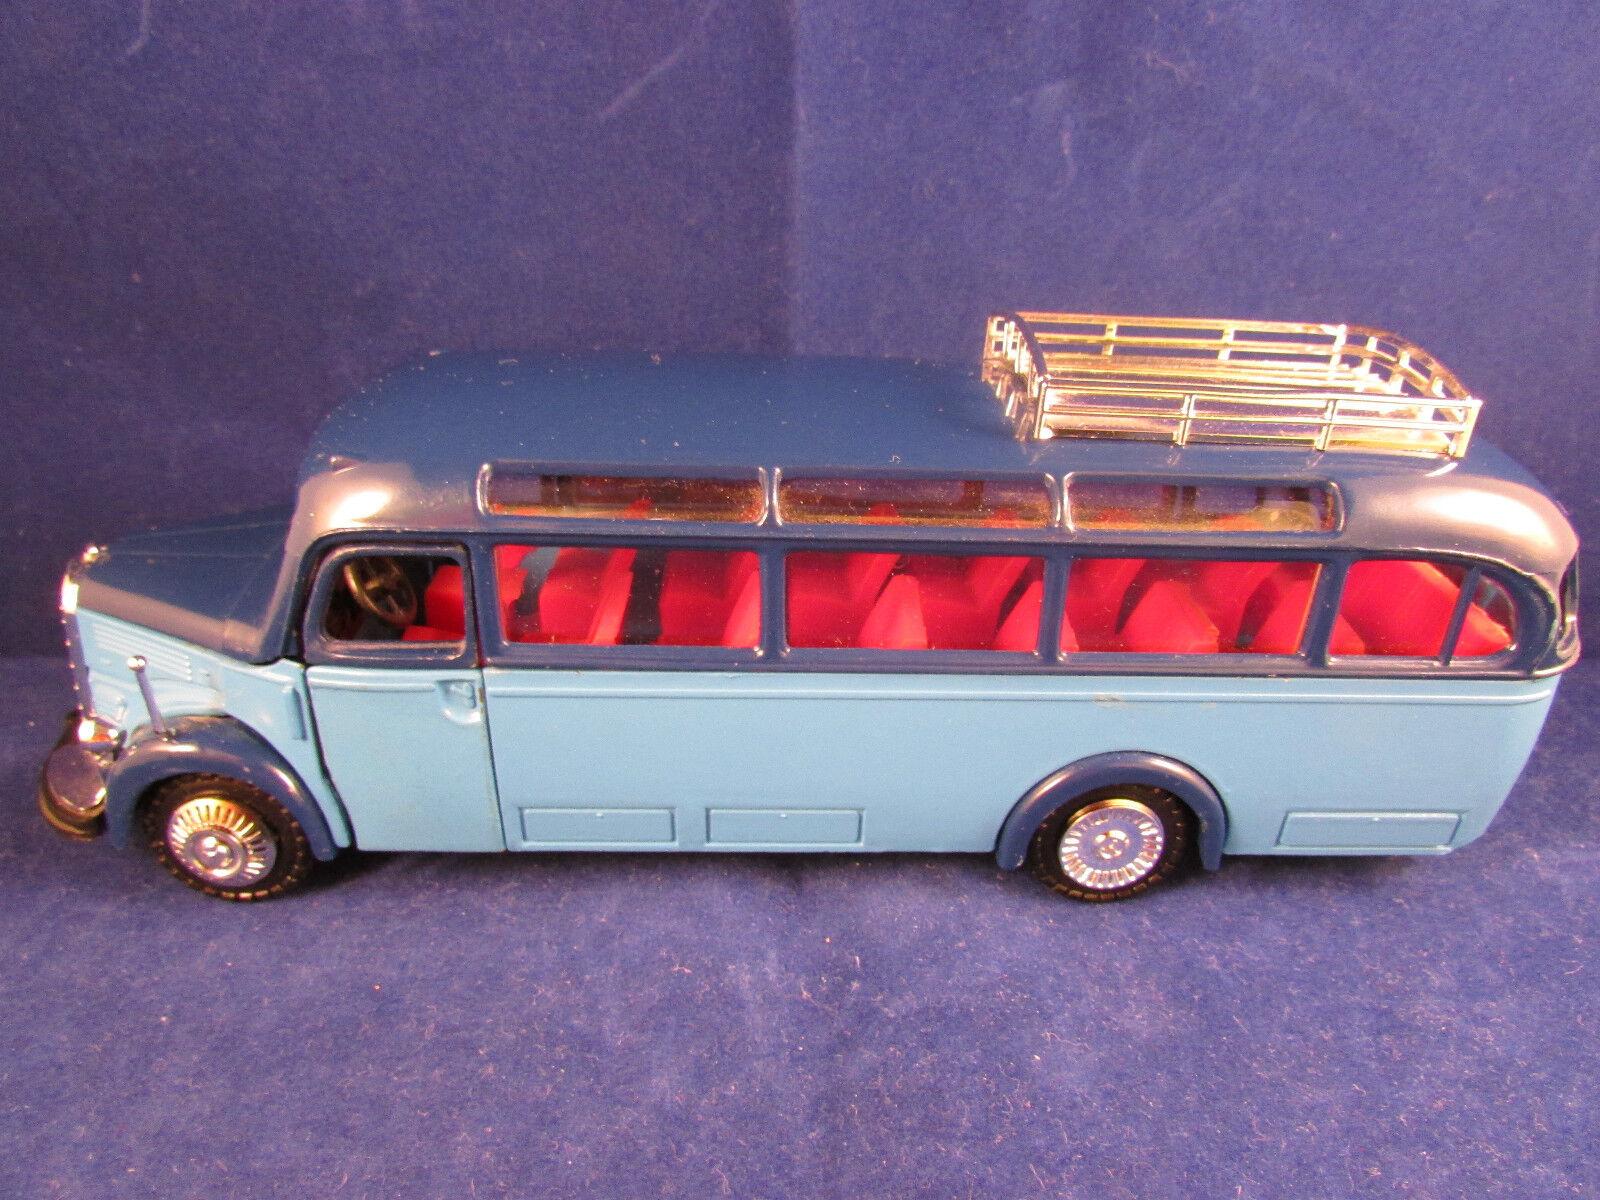 NZG - 1949 Mercedes Benz Omnibus 0 3500 - No 218 - 1.40 Scale - Nr Mint - Rare